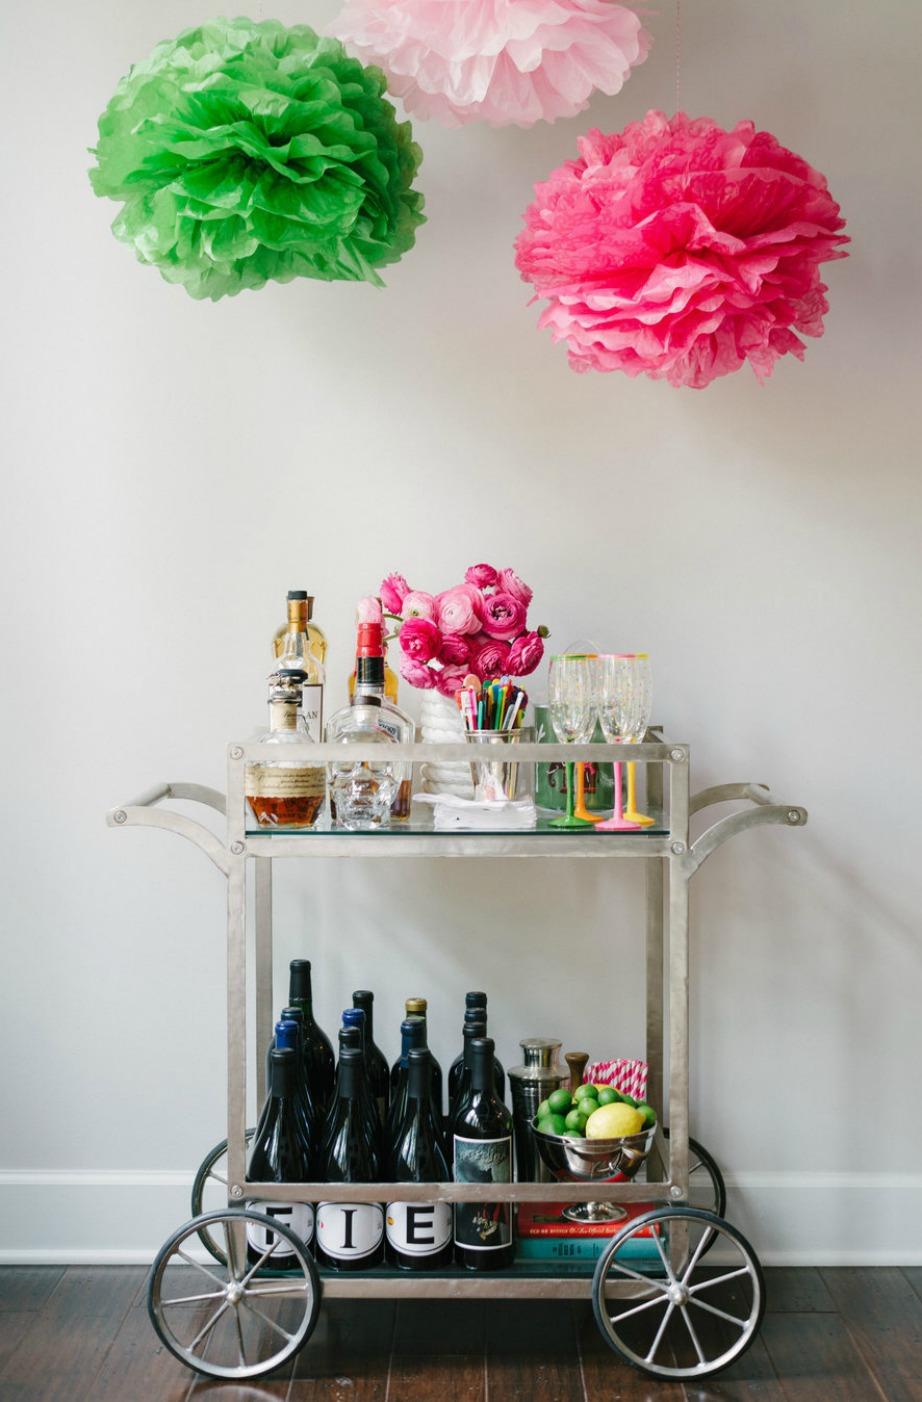 Διακοσμήστε όμως και τον χώρο γύρω από το ini bar για ακόμα πιο στιλάτο και όμορφο αποτέλεσμα. Για παράδειγμα, πάνω από το μπαρ της συγκεκριμένης φωτογραφίας έχουν κρεμαστεί μερικά πολύχρωμα πομ πομ που δίνουν στιλ και χρώμα σε όλο το δωμάτιο.